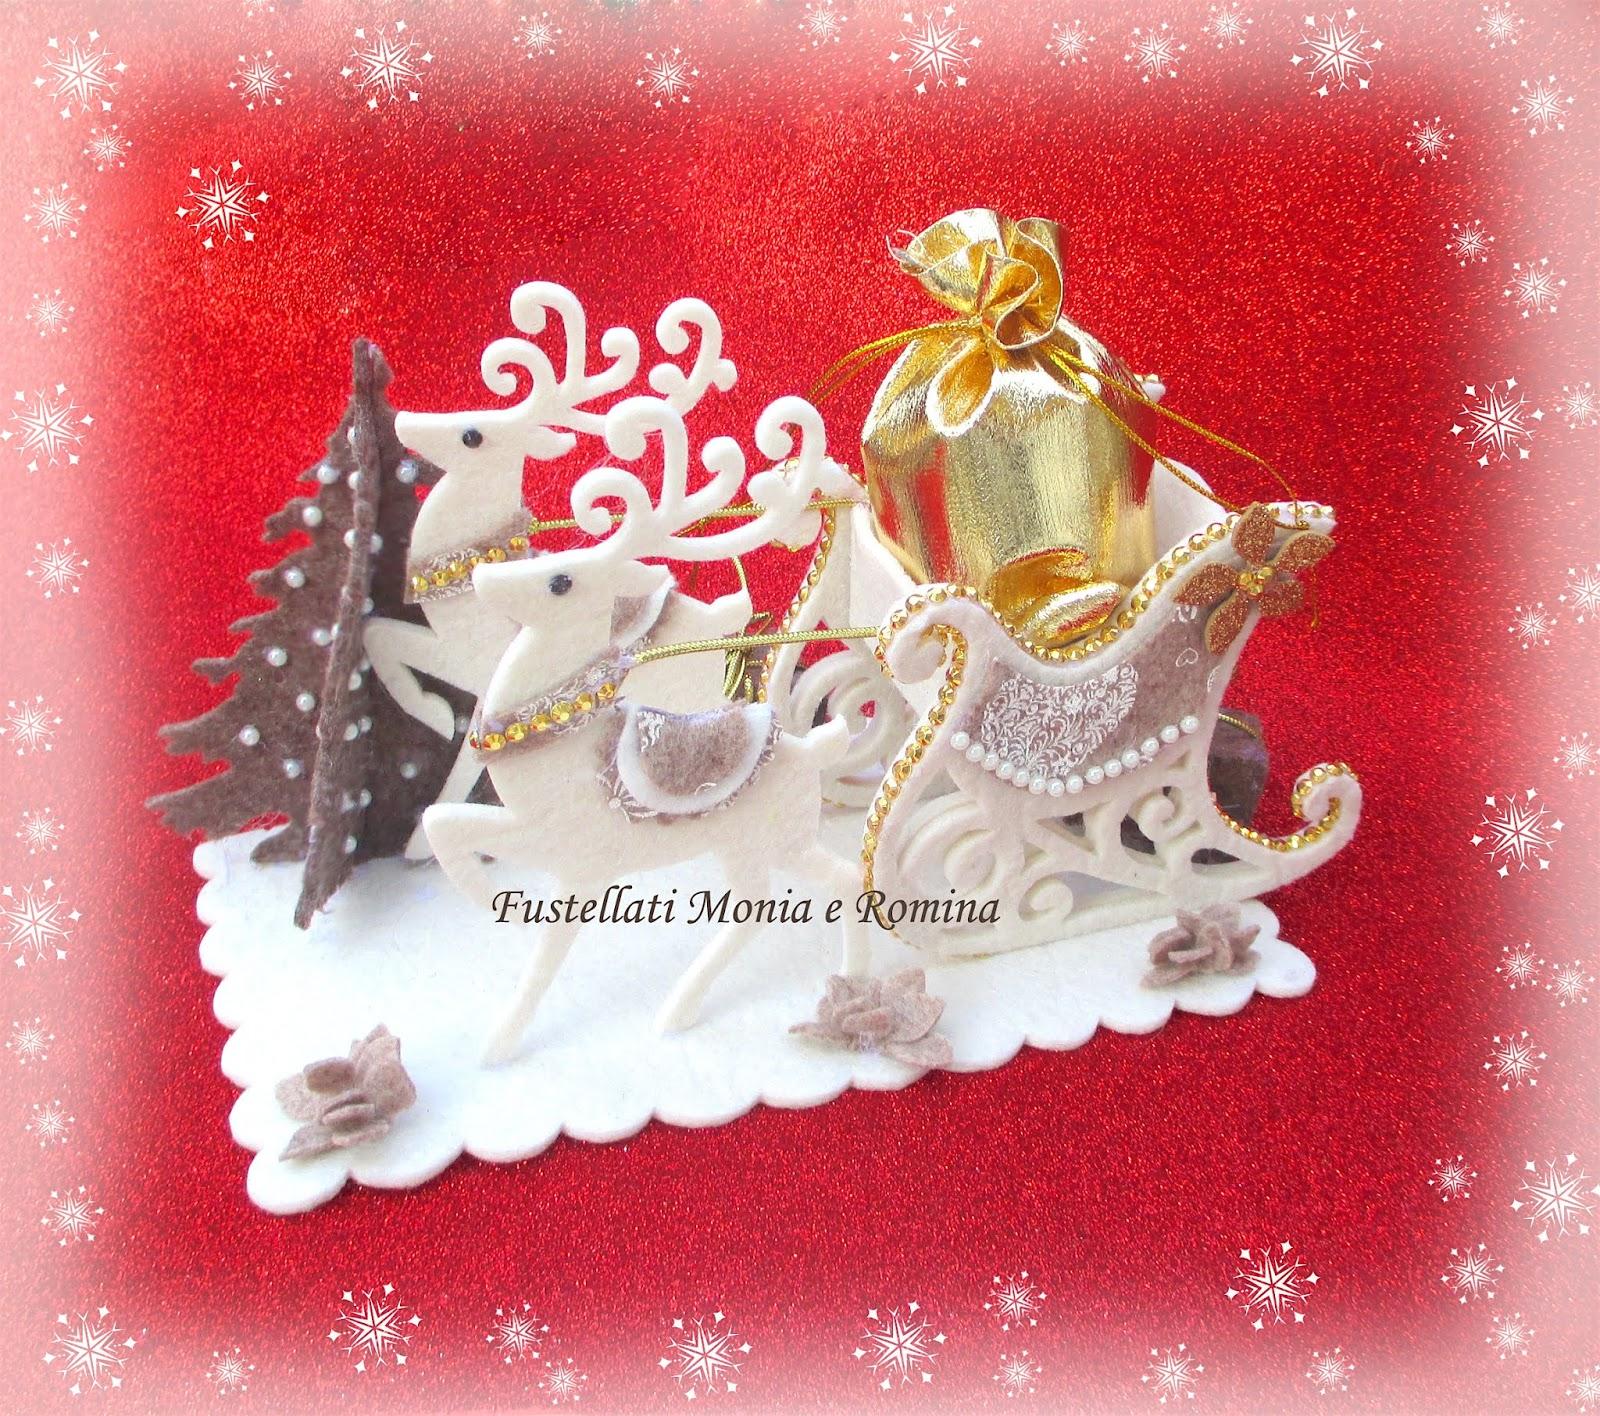 Slitta Di Babbo Natale Fai Da Te.Fustellati Monia E Romina Forme In Feltro Pannolenci E Gomma Per